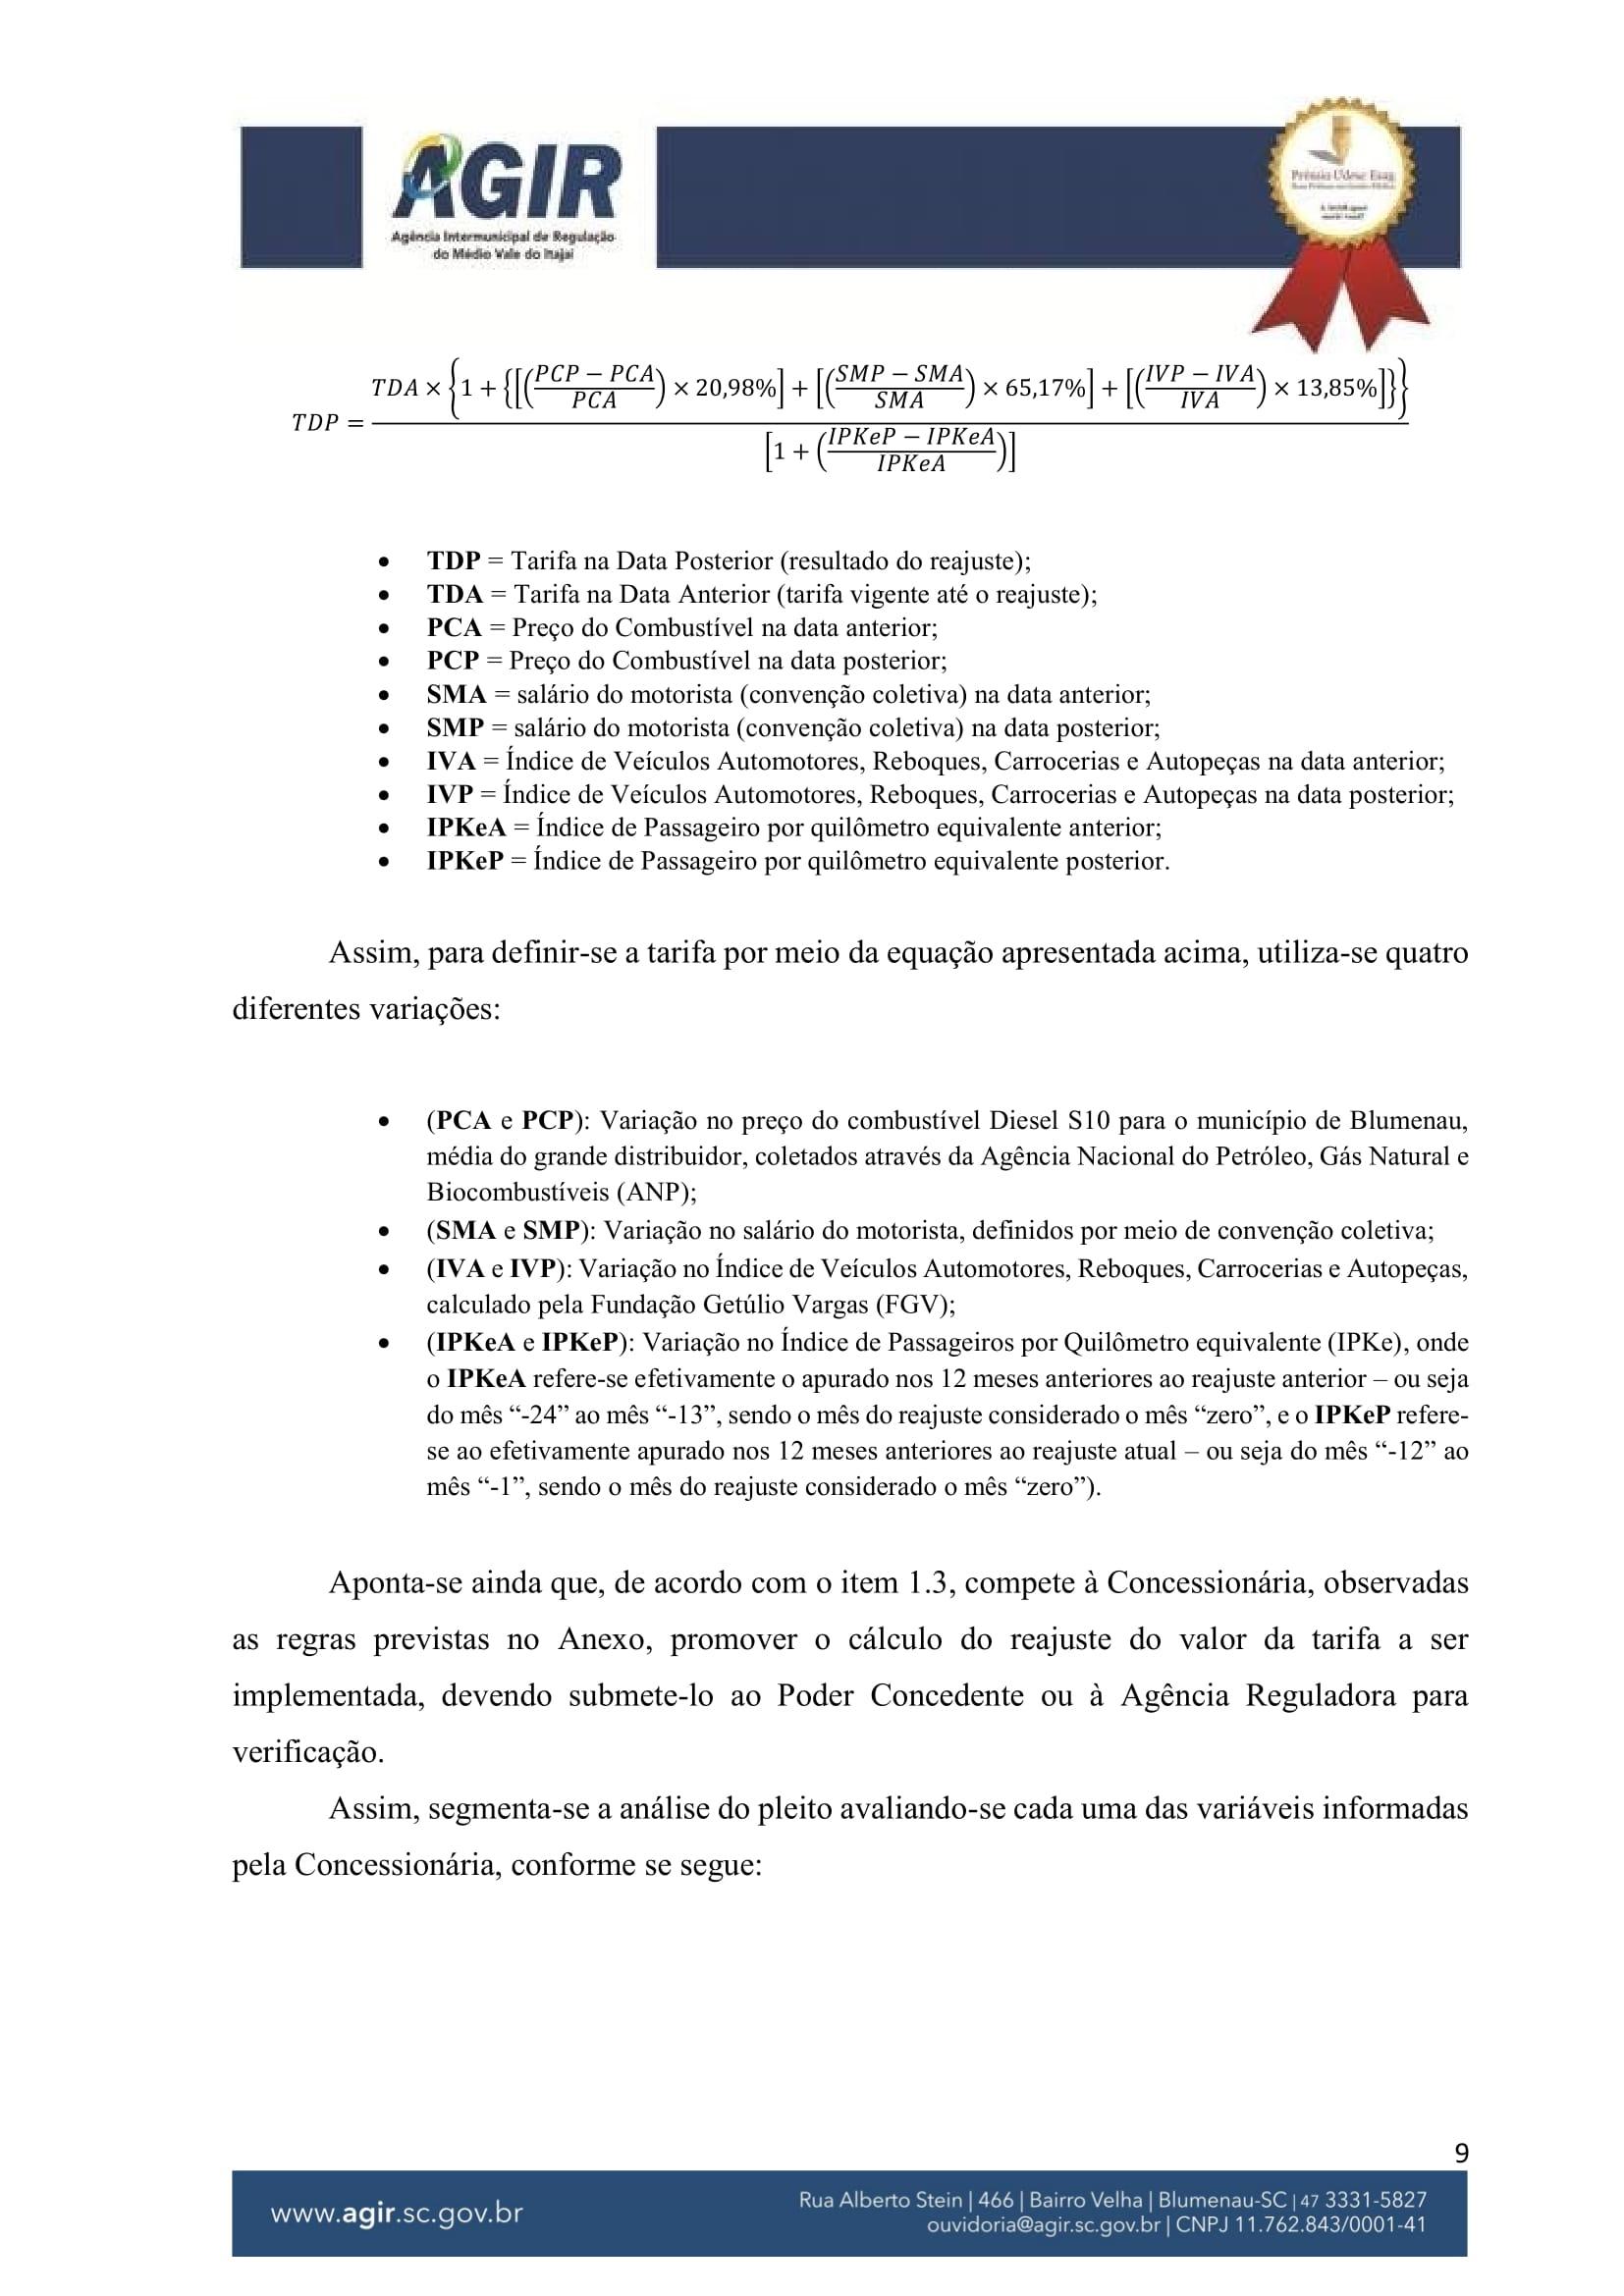 Parecer Administrativo nº 70-2018-09